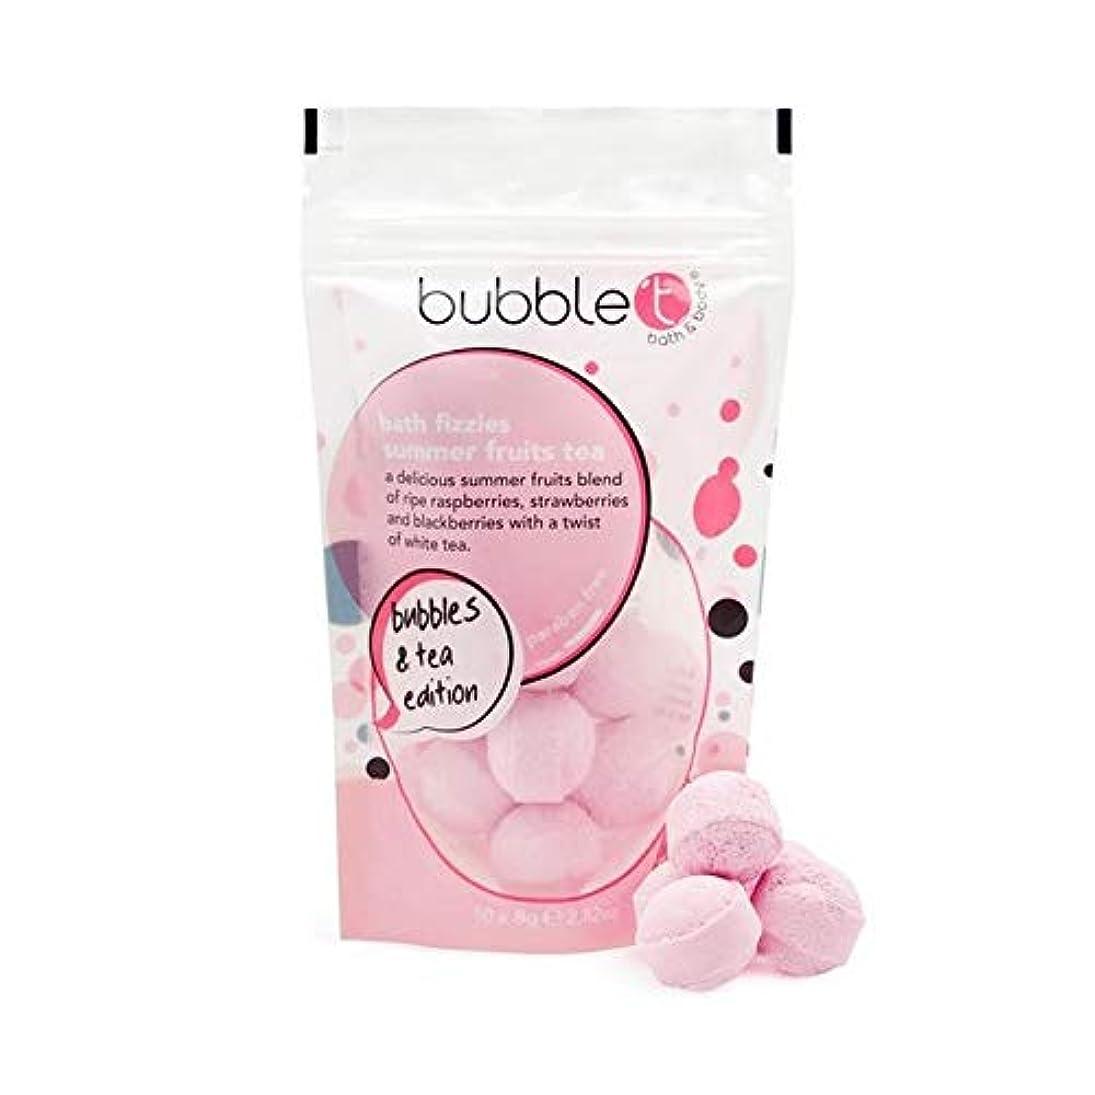 嬉しいです変化ヒューバートハドソン[Bubble T ] バブルトンの夏の果物風呂爆弾Fizzersの5グラム - Bubble T Summer Fruits Bath Bomb Fizzers 5g [並行輸入品]